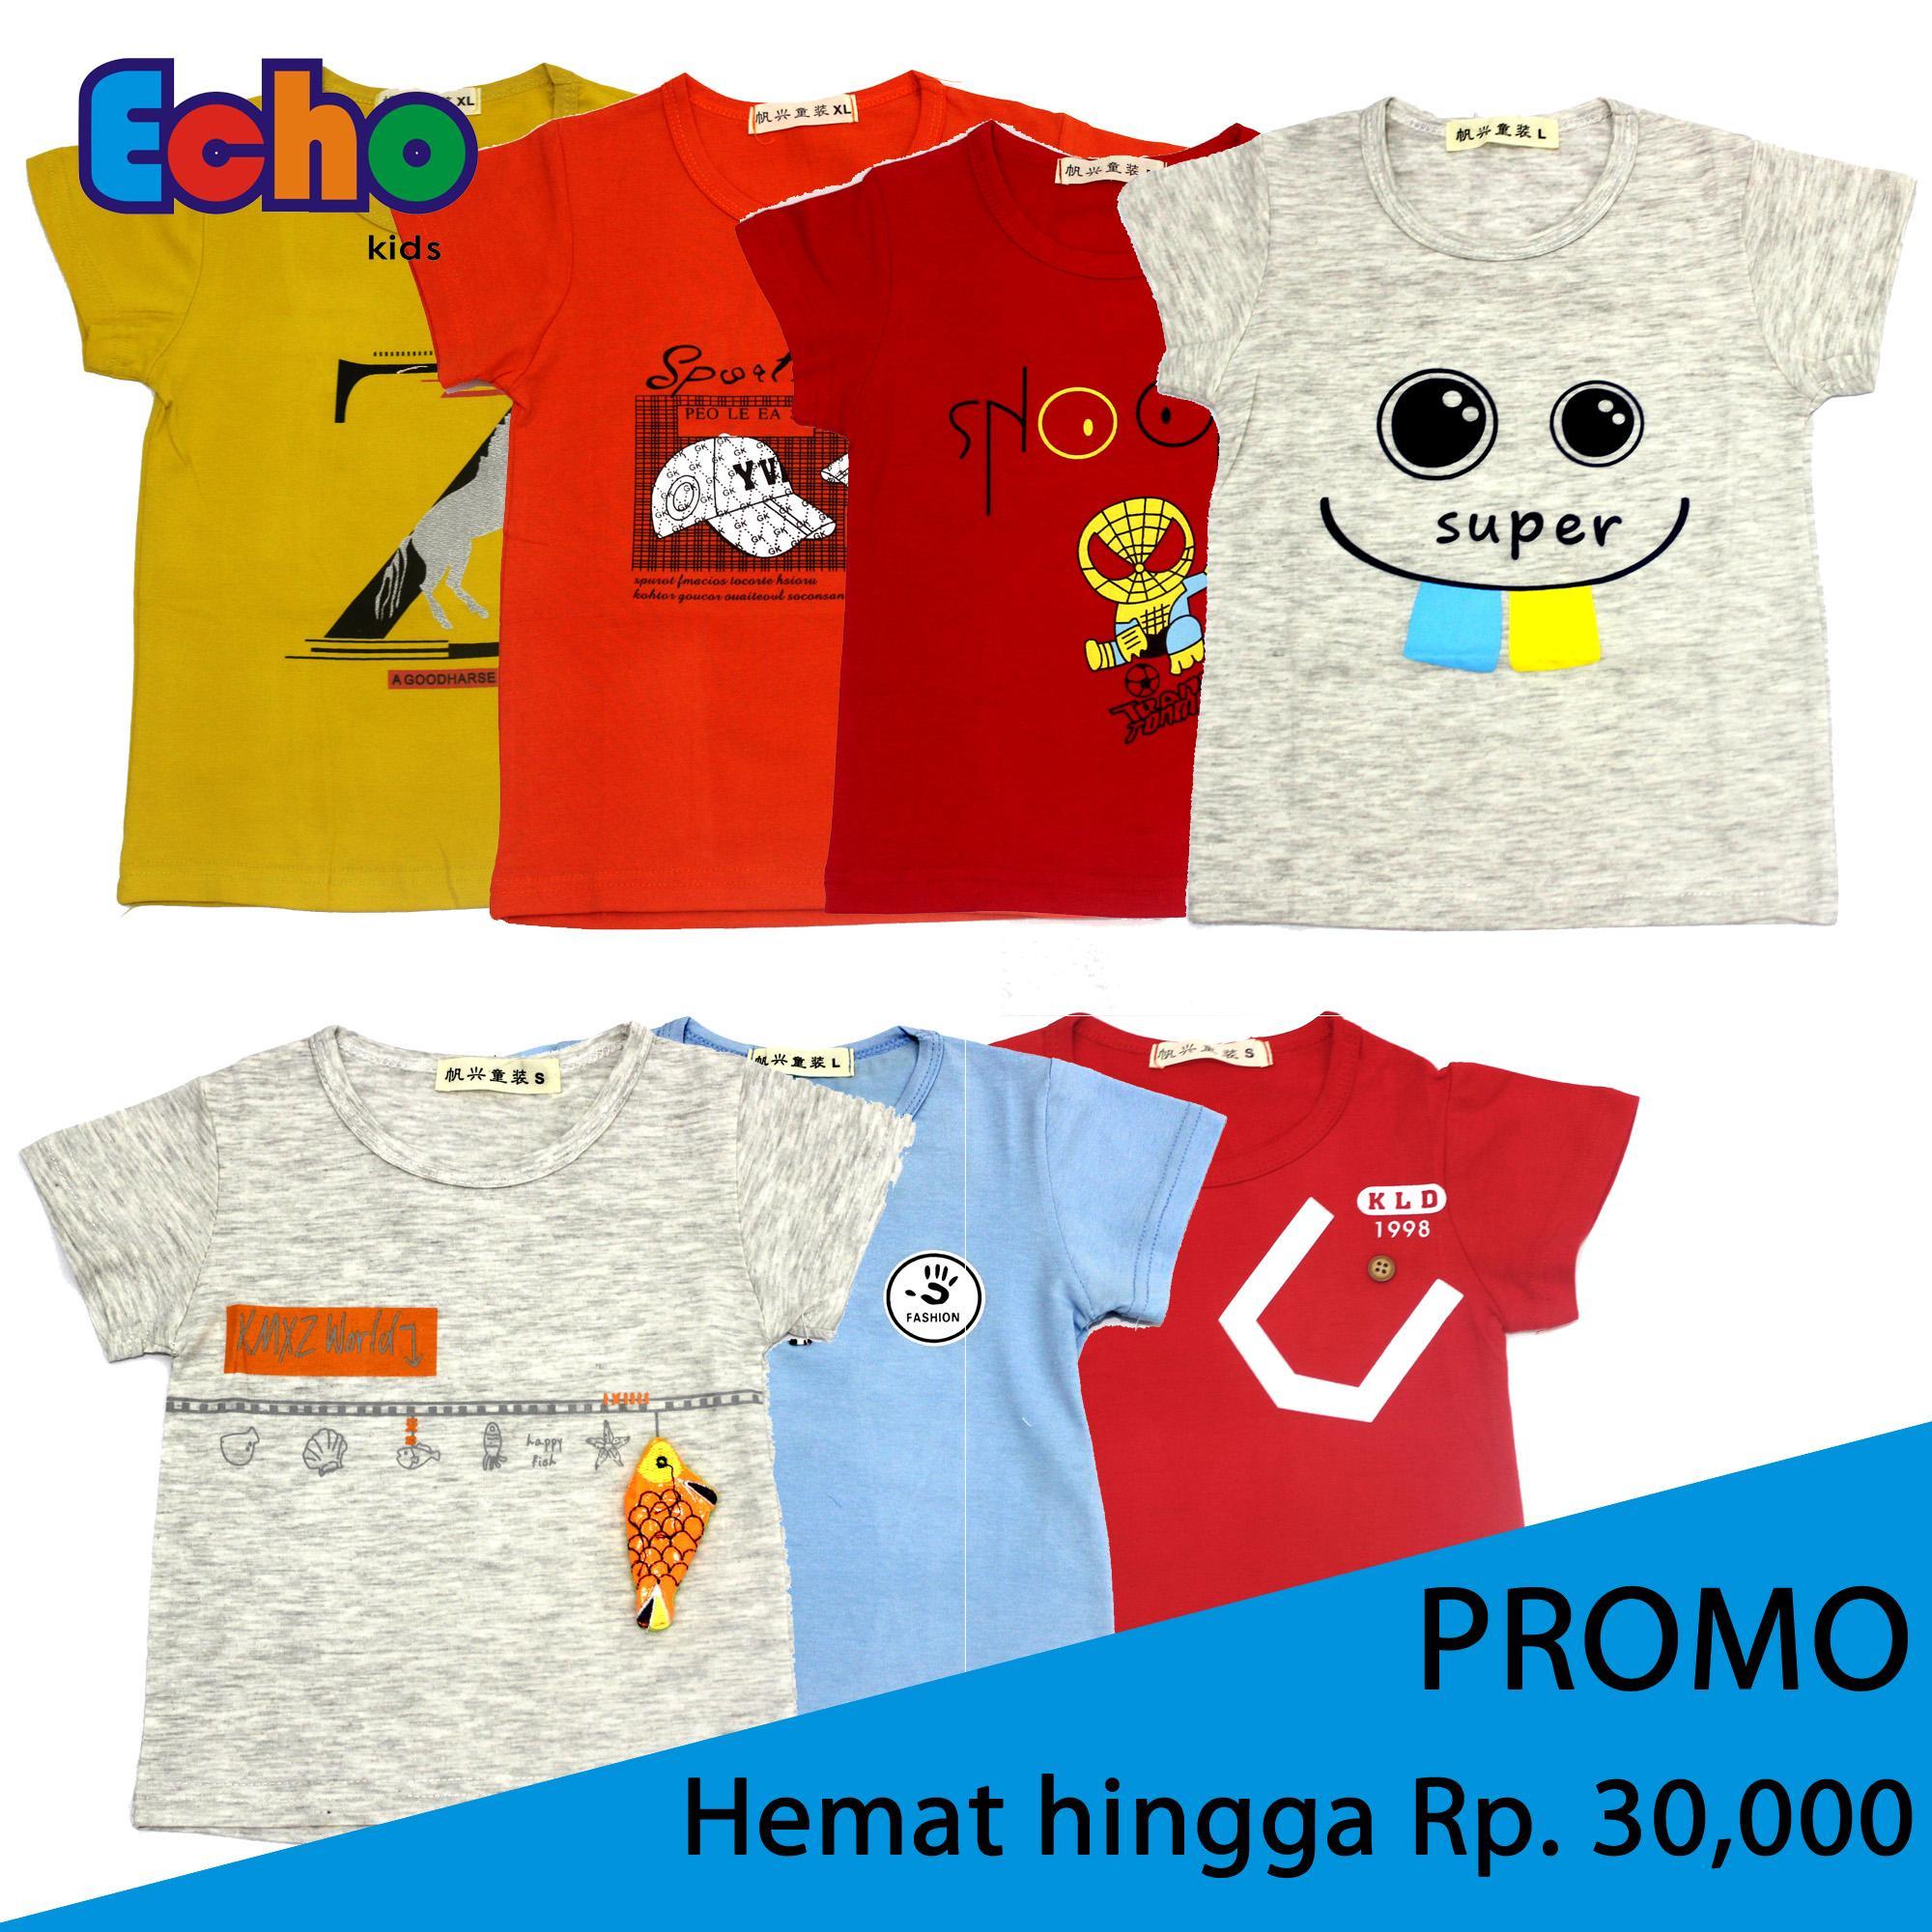 2-10 thn - Echo Kids - PROMO CUC GUDANG Pakaian Baju Kaos Katun Anak 6f72fe22ef